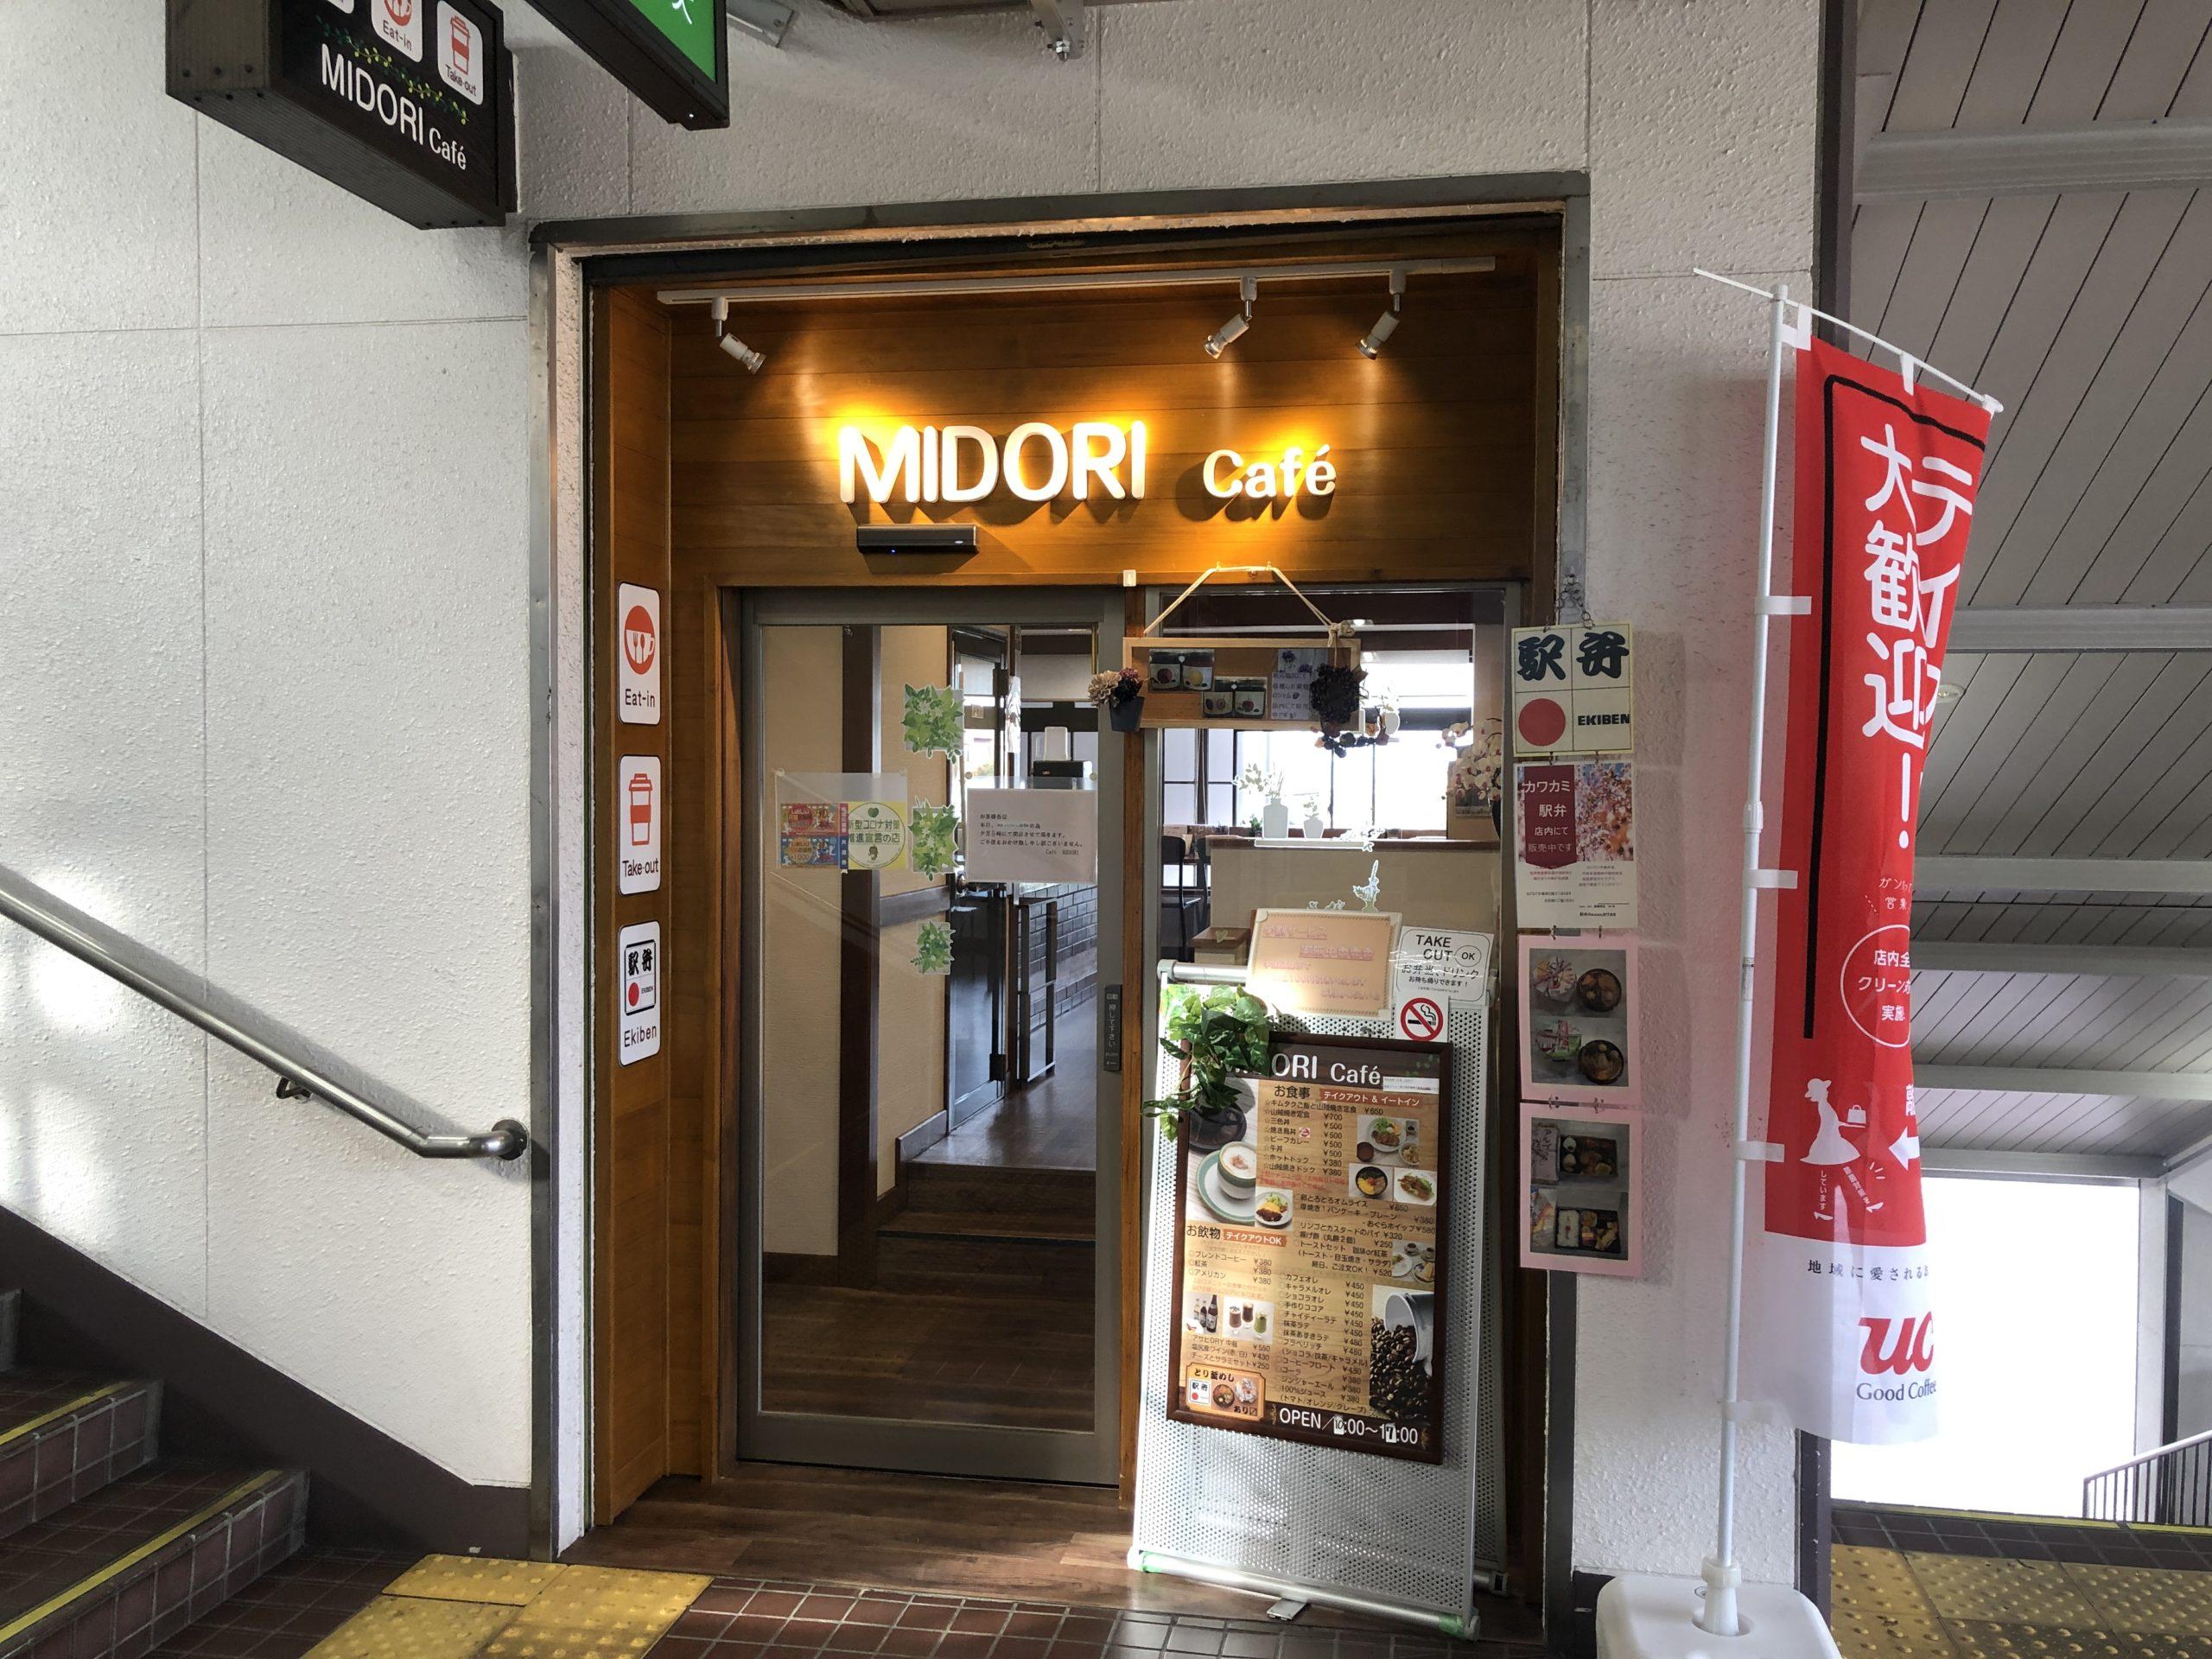 【塩尻市】MIDORI Cafeの山賊焼きメニューを食らう